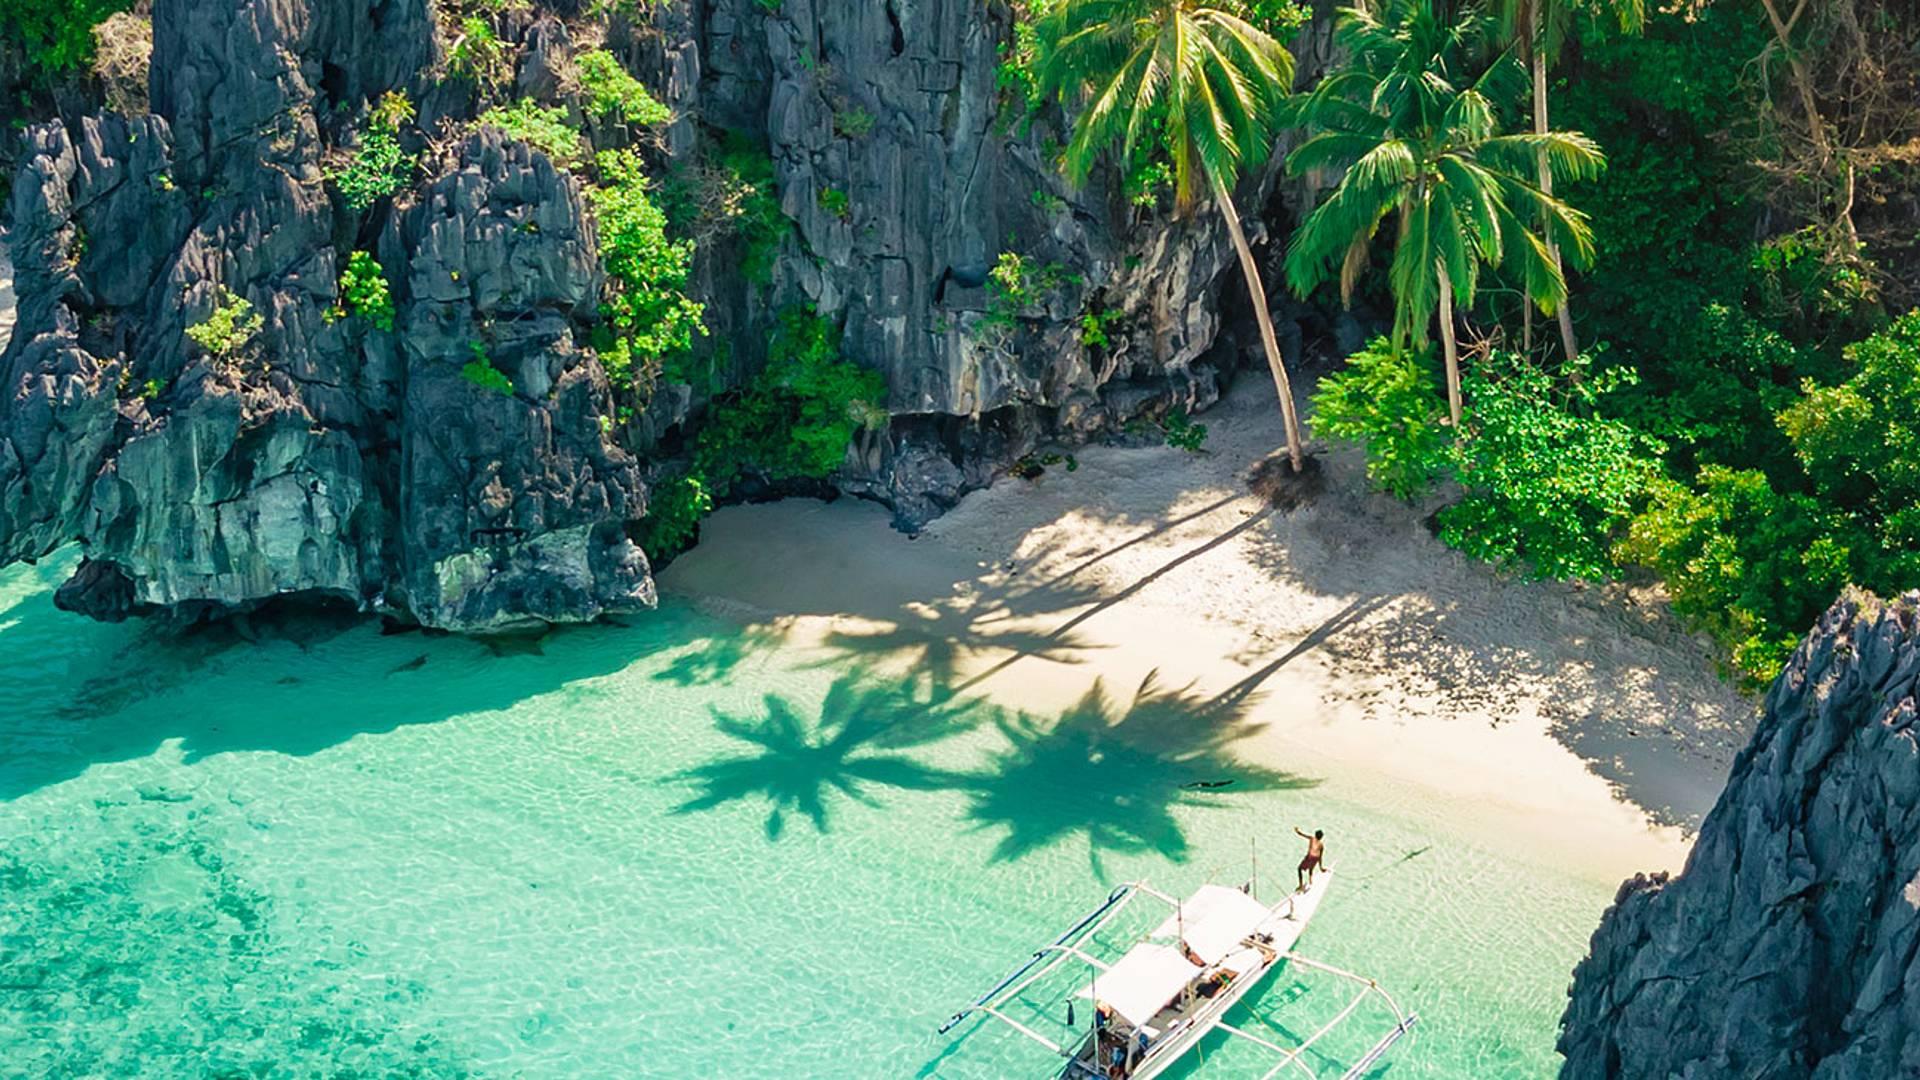 I migliori siti di immersione per sub tra Malapascua e Palawan